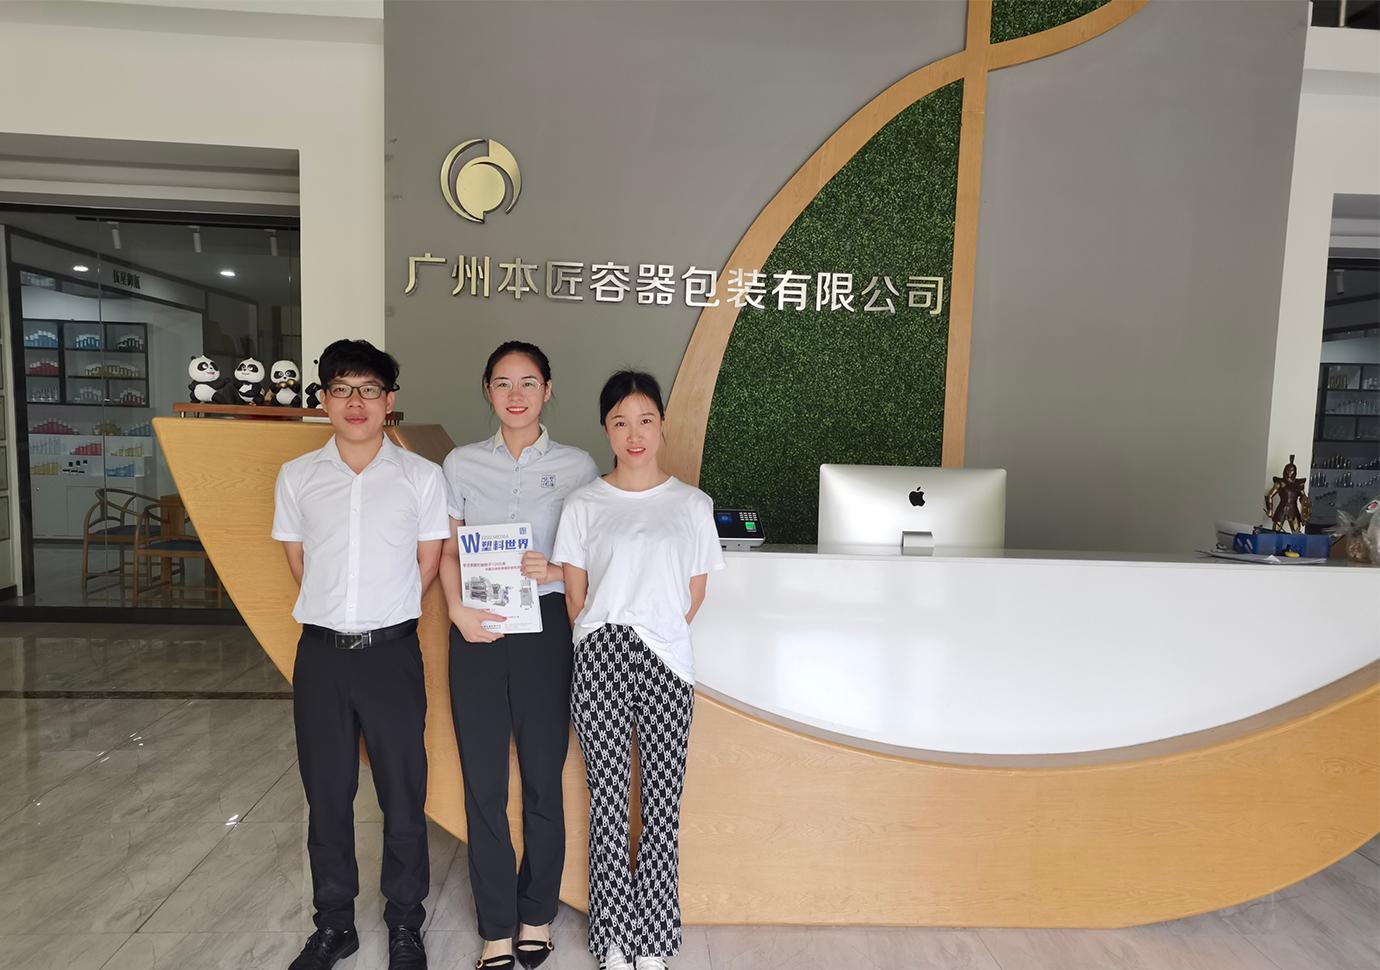 广州本匠容器包装有限公司